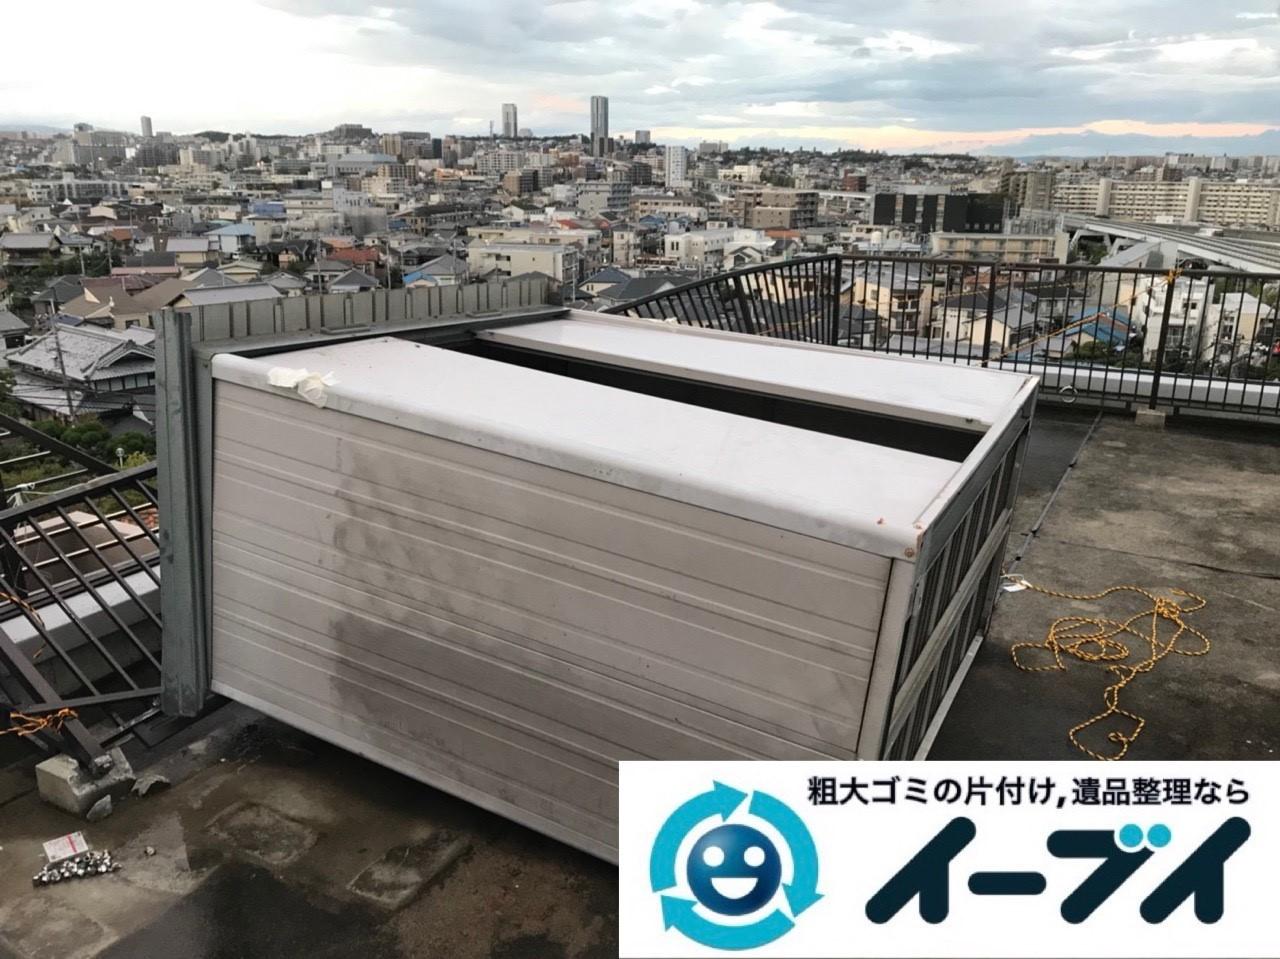 2018年11月17日大阪府大阪市阿倍野区で台風の被害で倒れた物置の解体処分。写真4